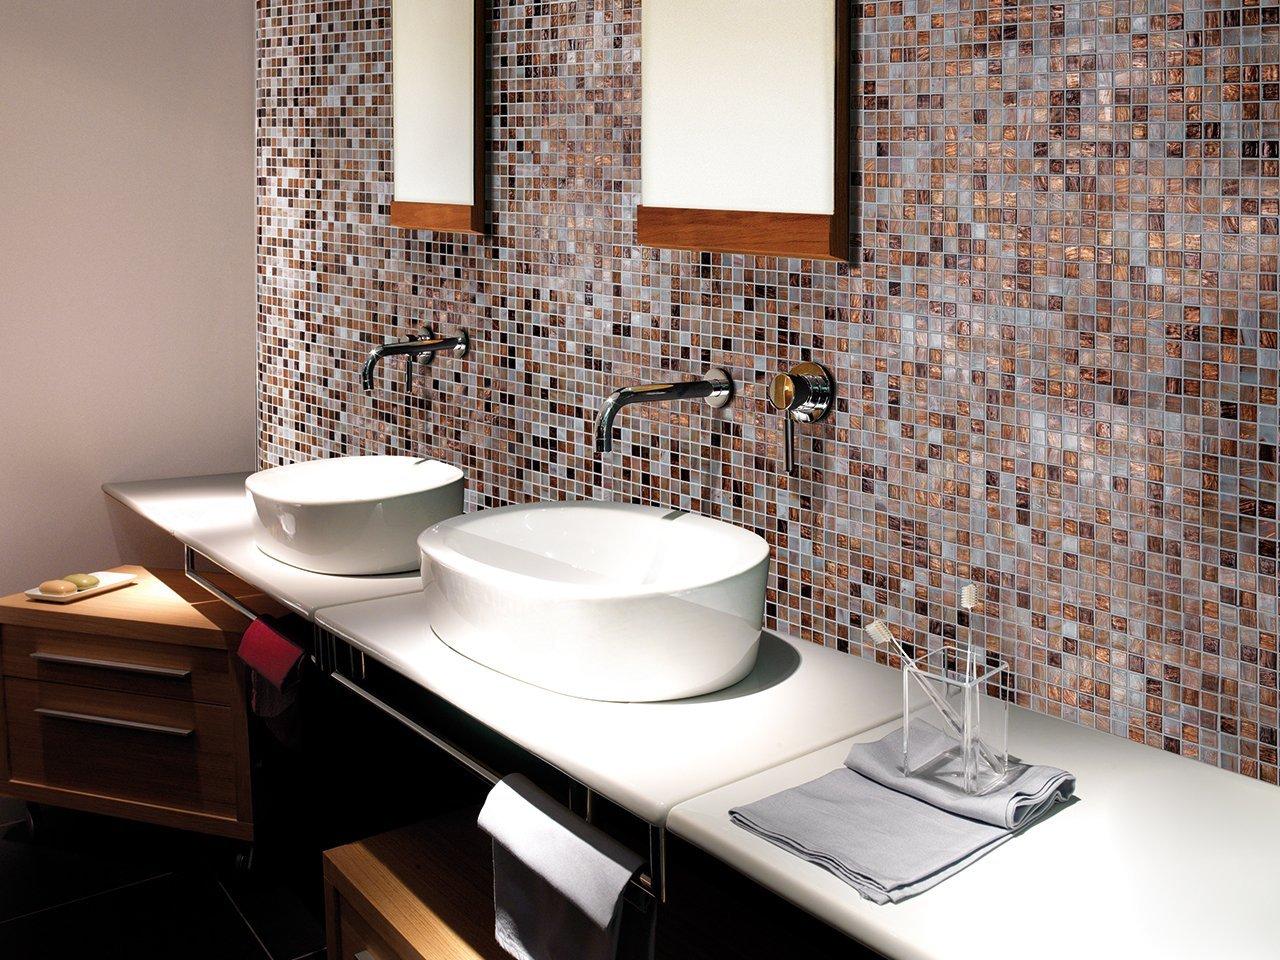 Iperceramica soluzioni di arredo bagno pavimenti e rivestimenti designandmore arredare casa - Mosaico vetro bagno ...